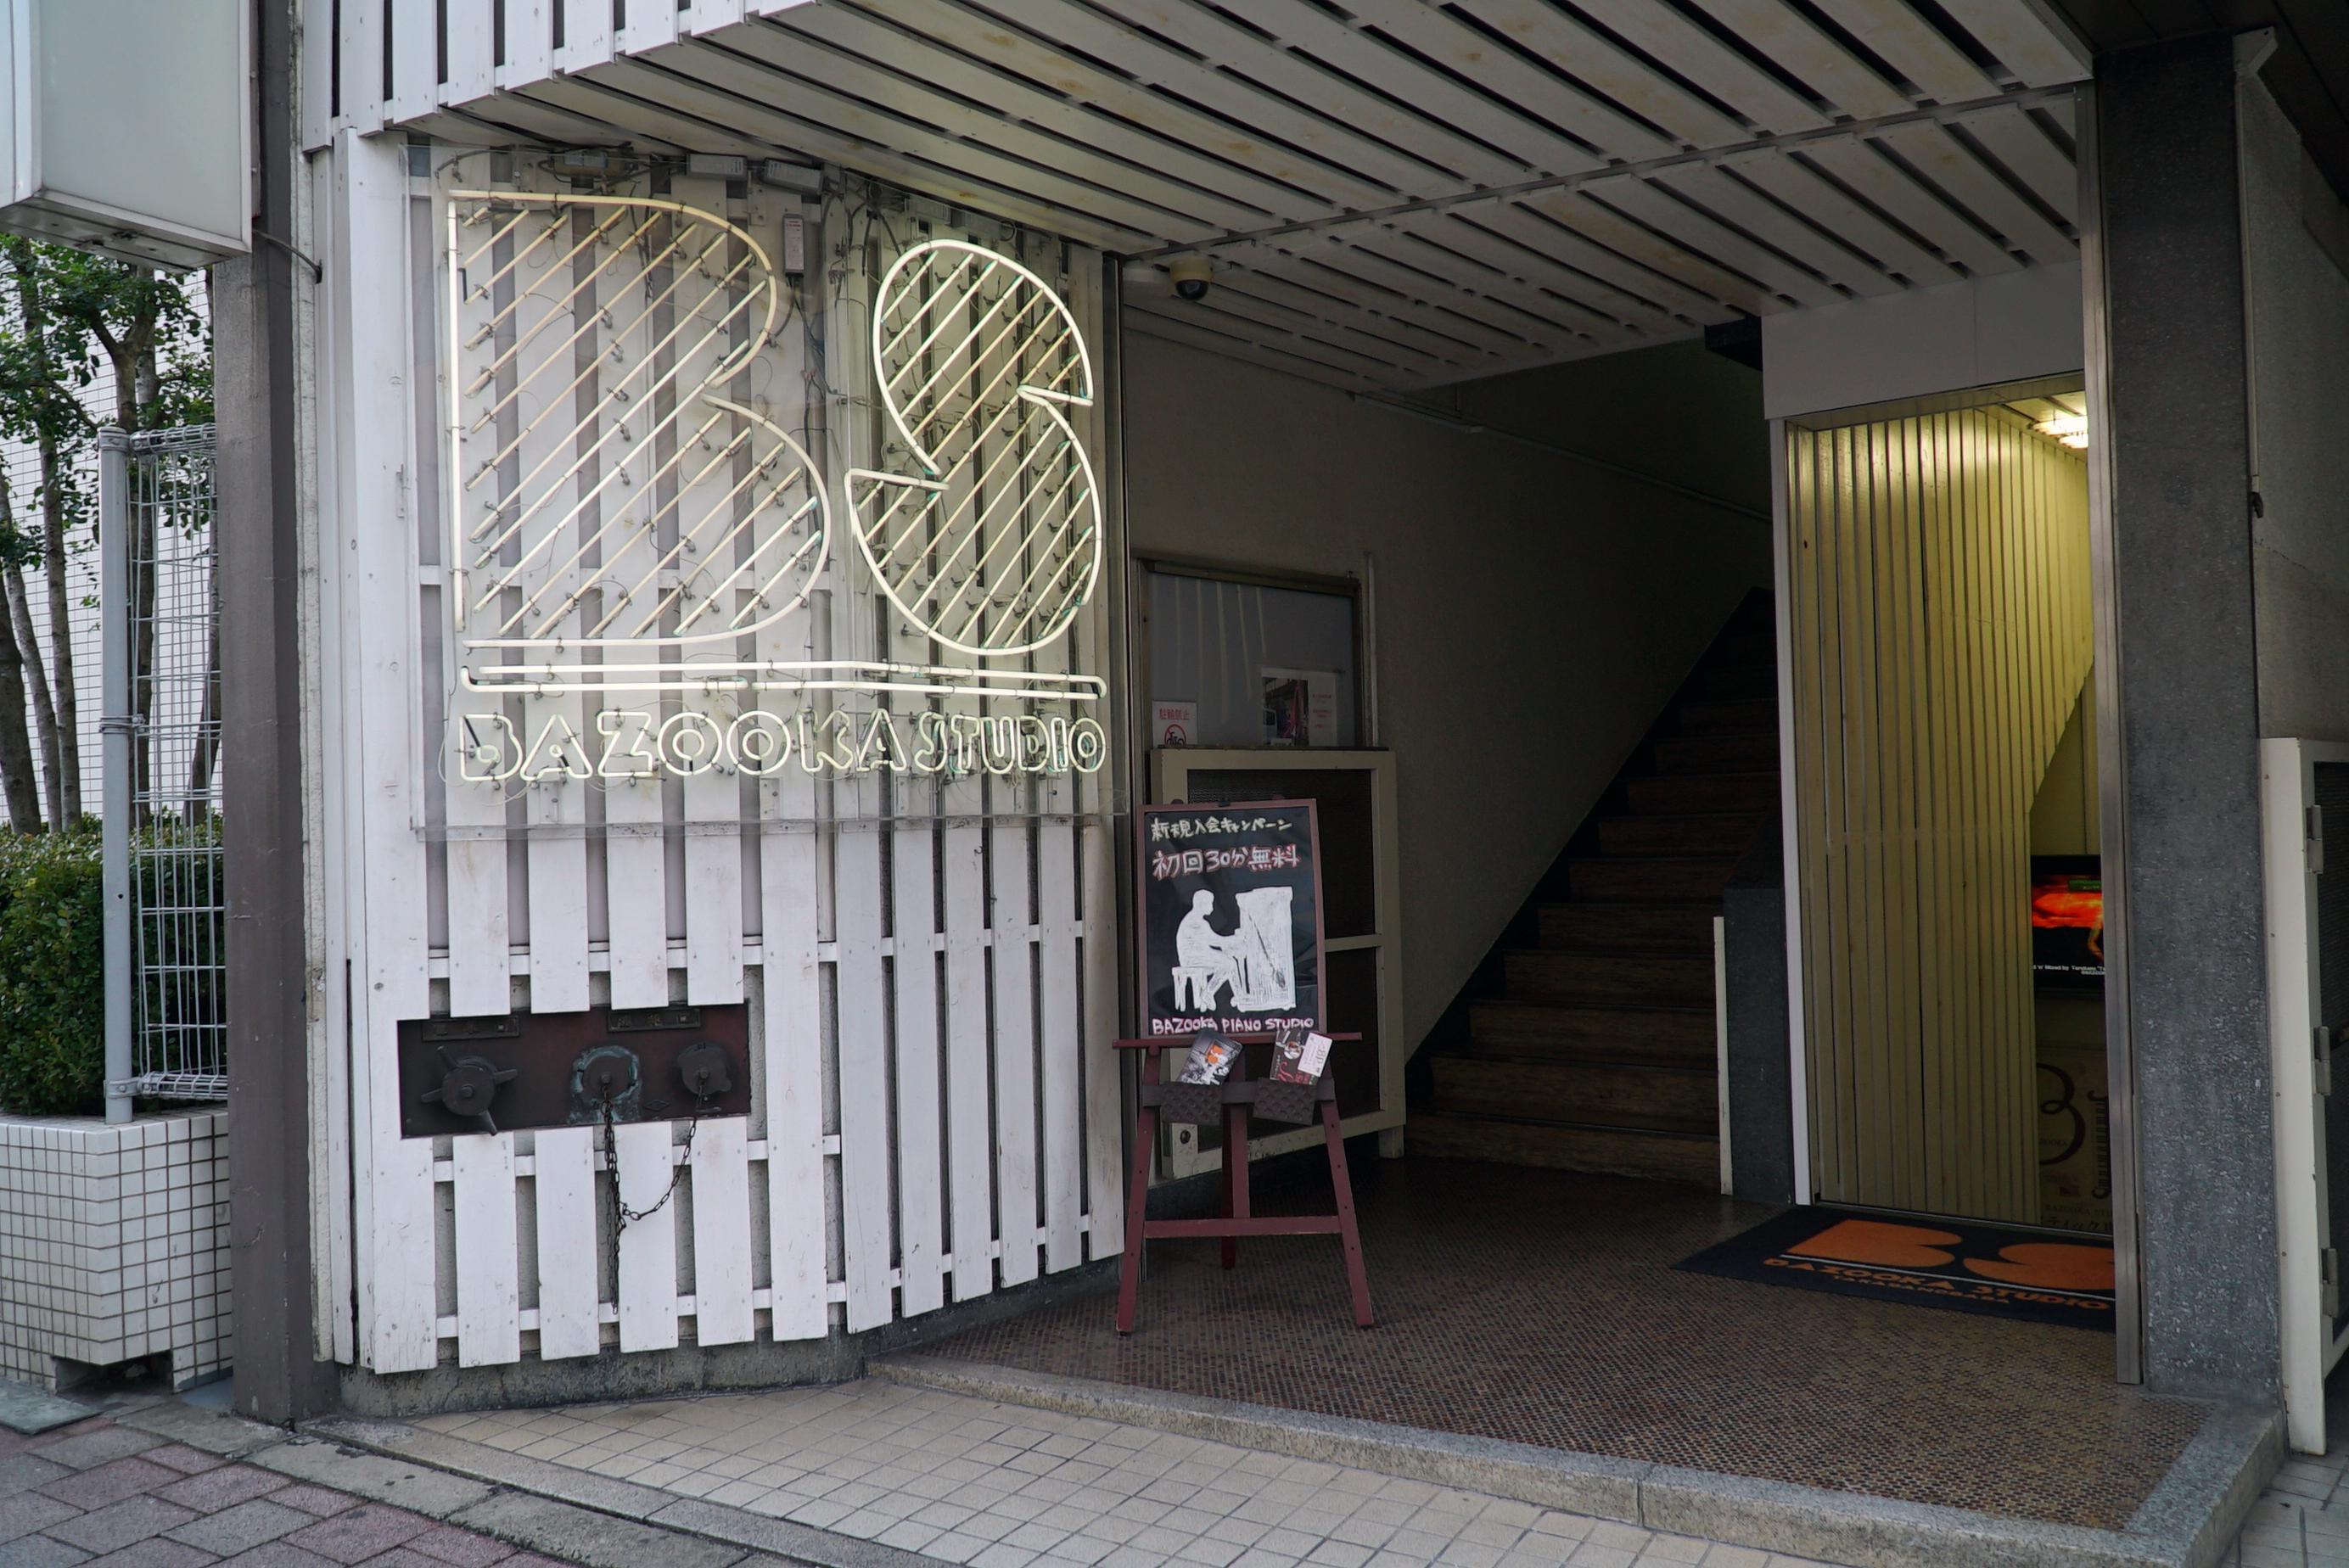 BAZOOKA STUDIO